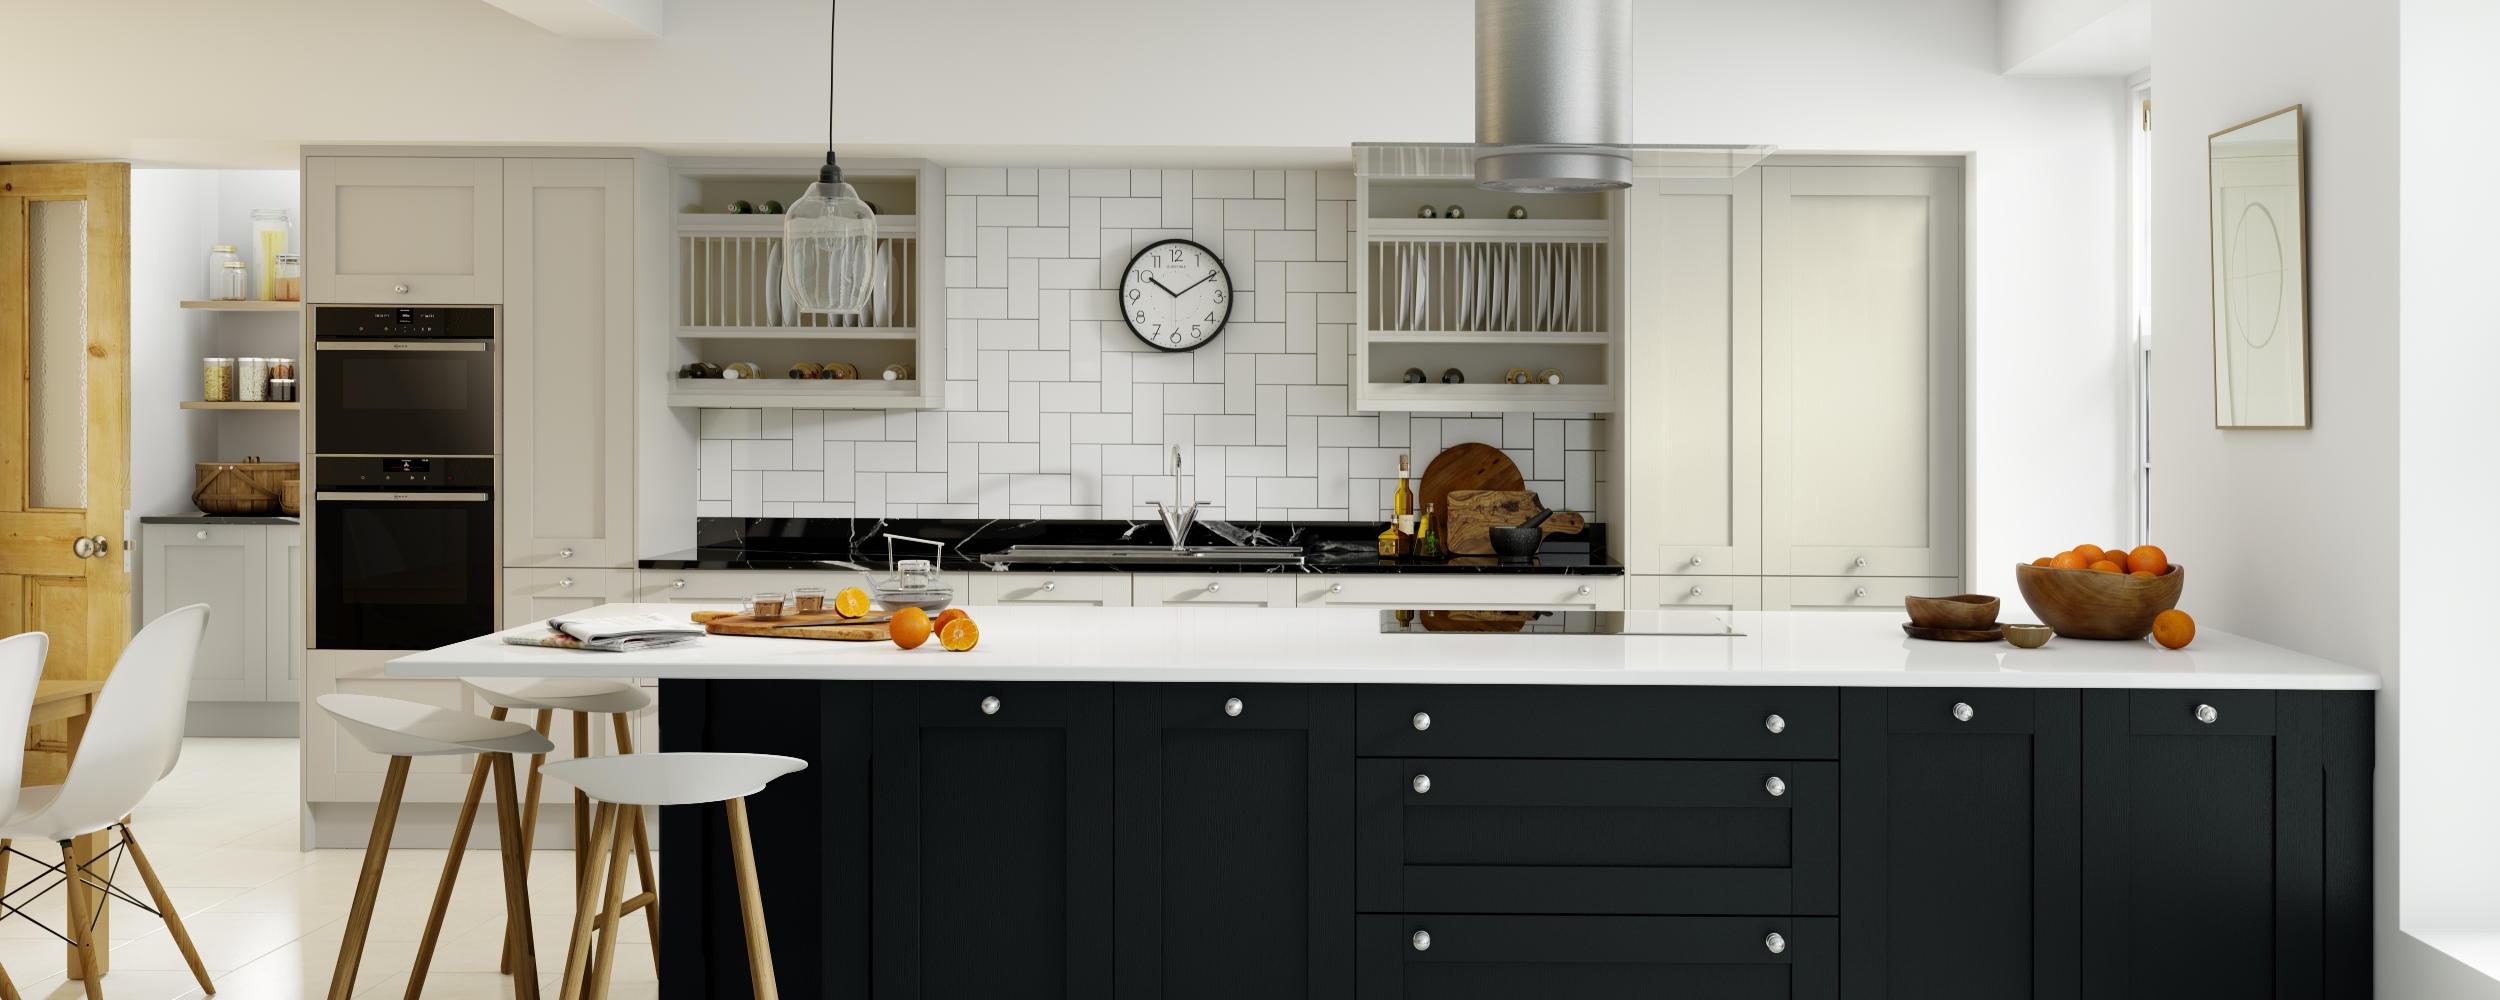 shaker-kitchen